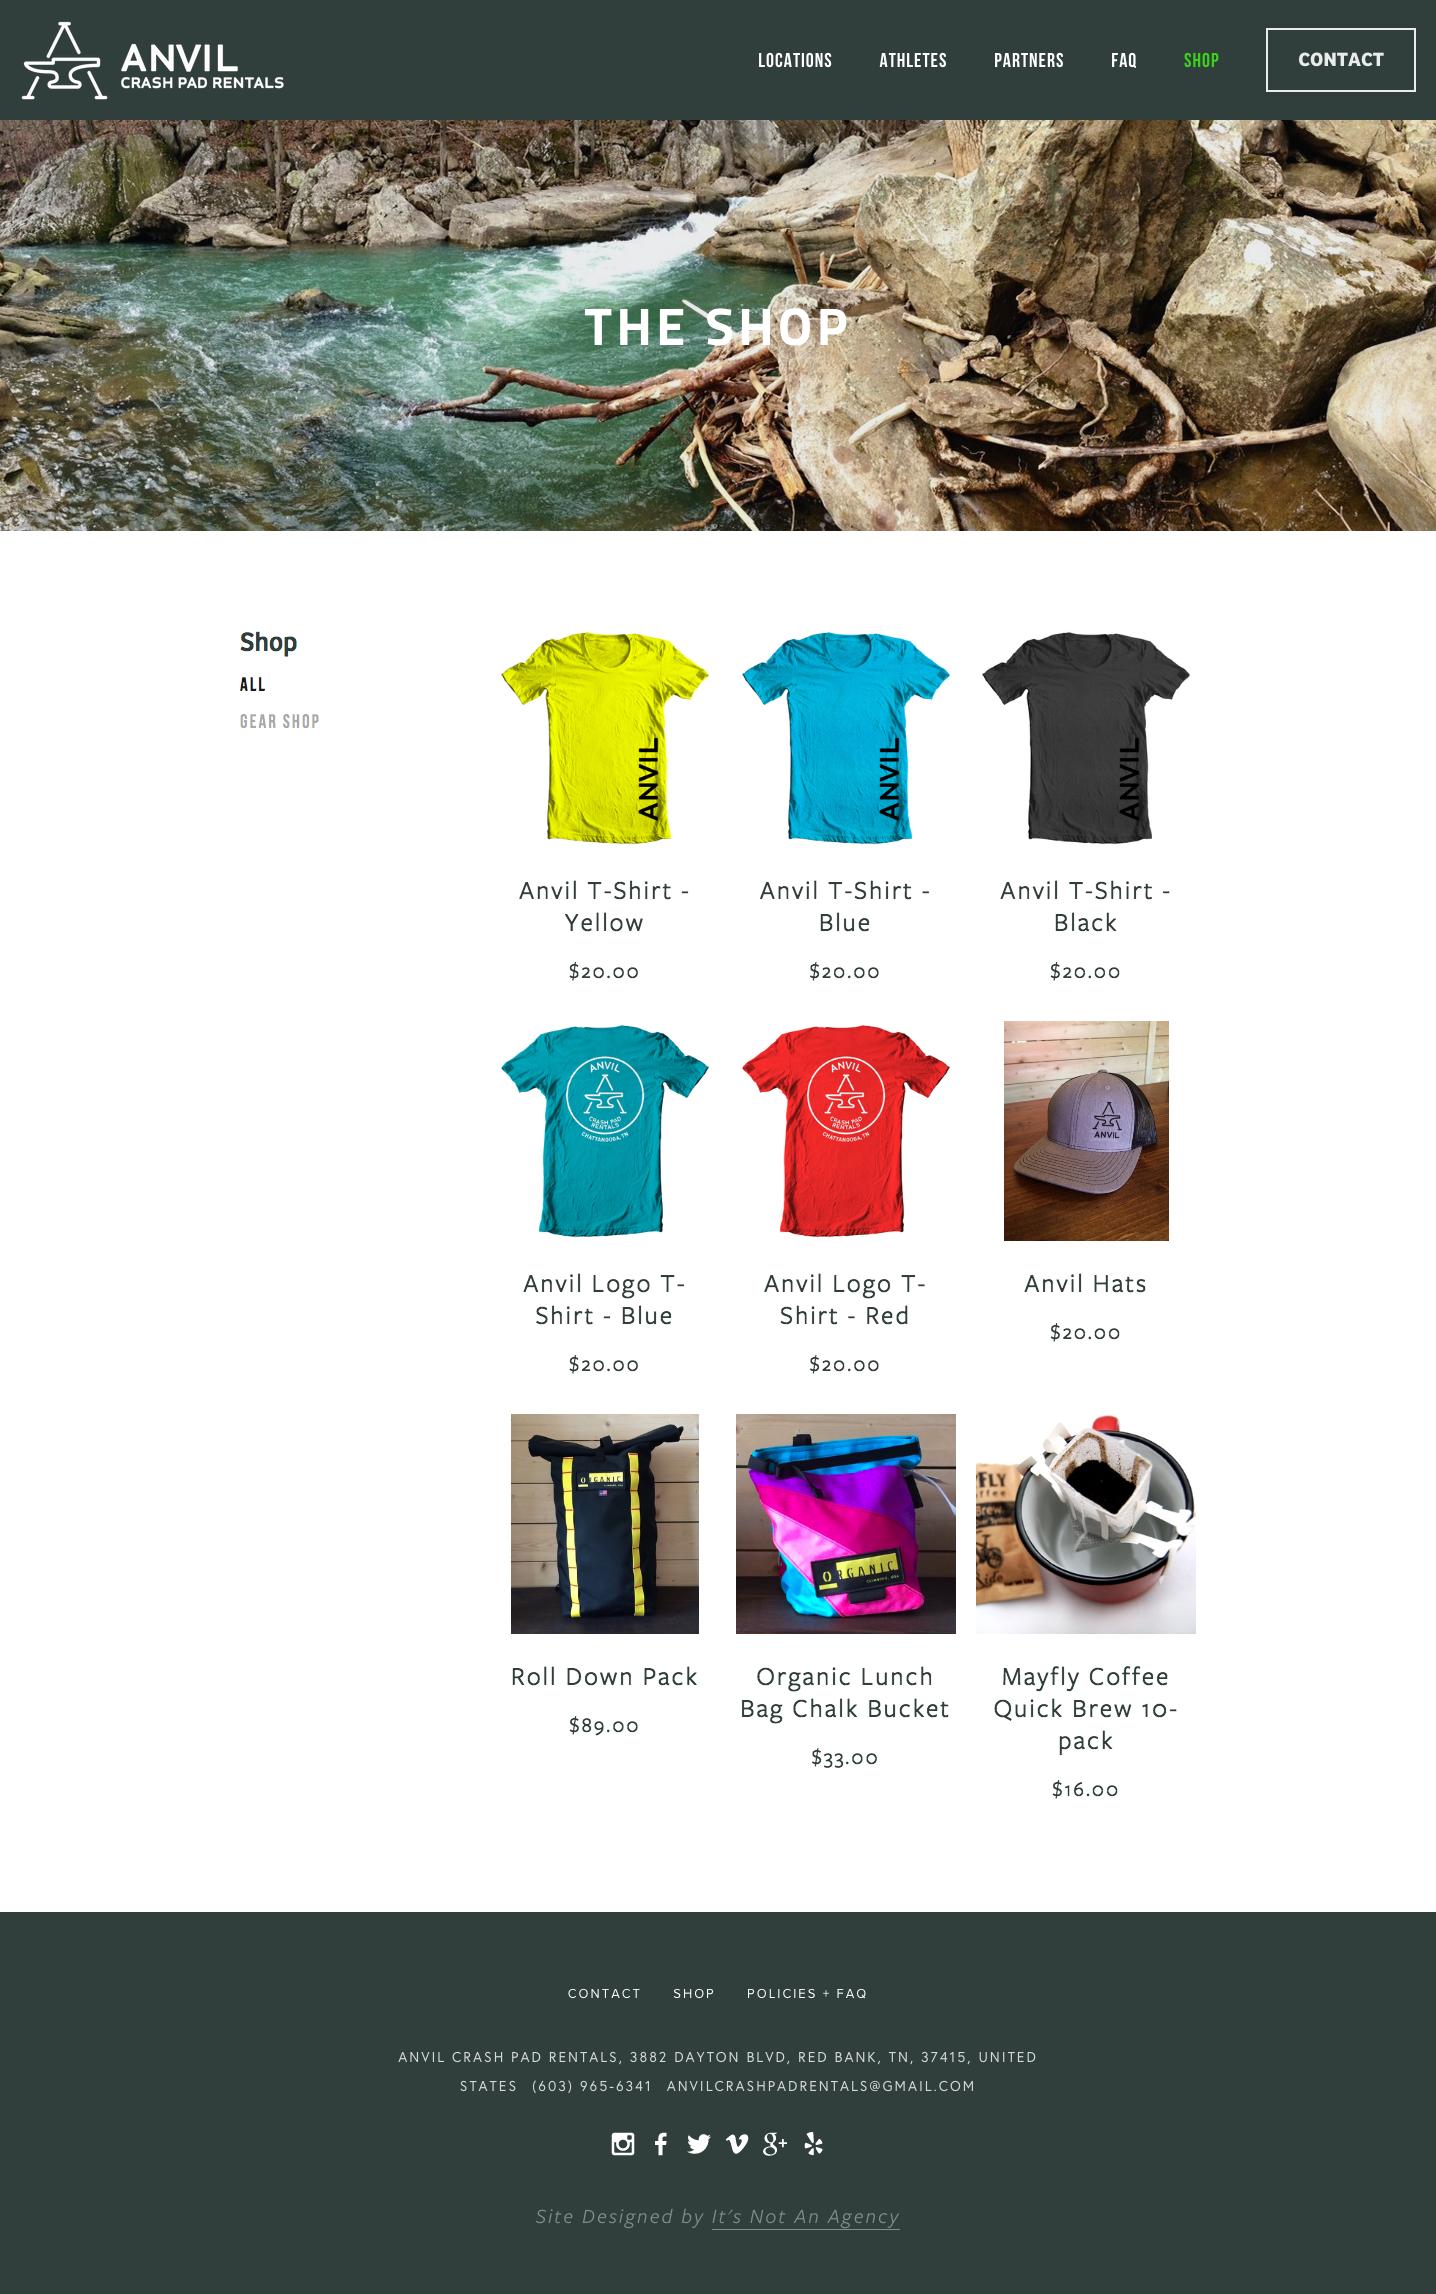 Ecommerce Website Design_Anvil Crash Pad Rentals7.png